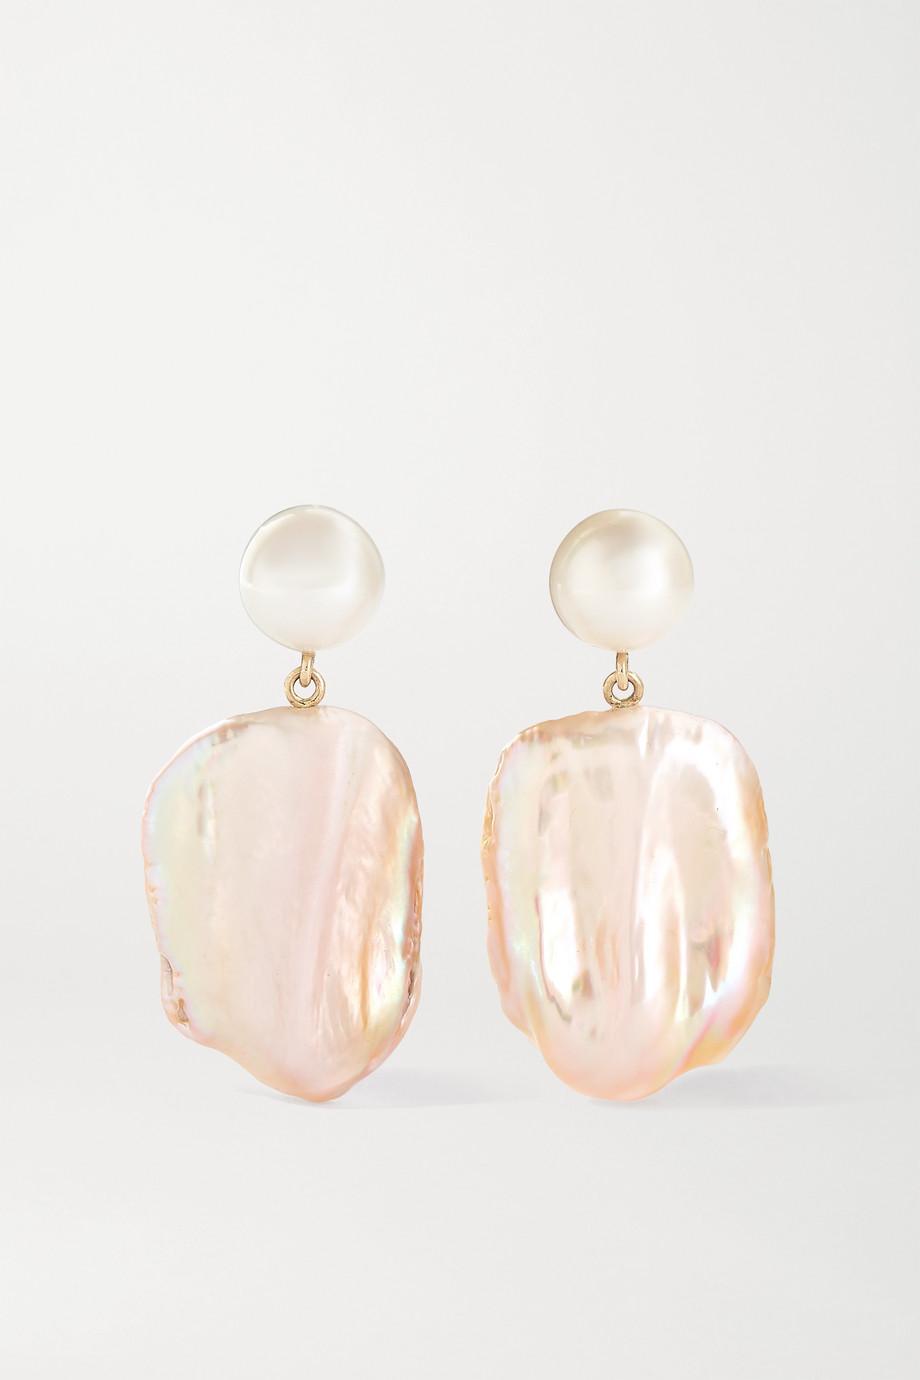 Sophie Bille Brahe Mondrian Rouge 14-karat gold pearl earrings